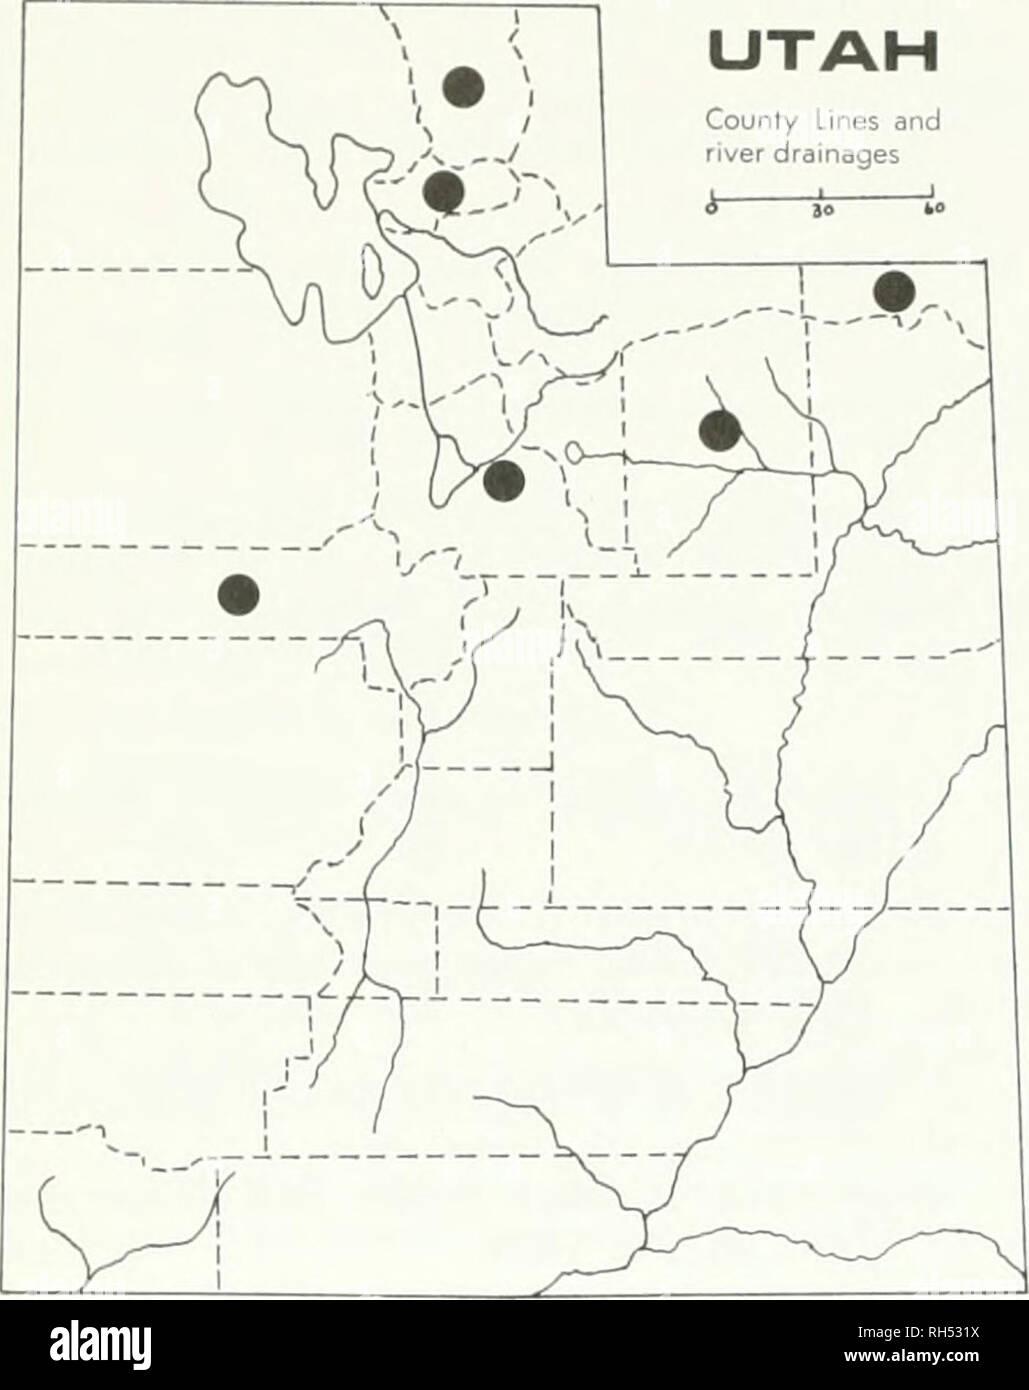 """. Brigham Young University Science Bulletin. Biología -- publicaciones periódicas. 12 Jóvenes Brioham Univebsitv Science Bulletin County líneas y drenajes fluviales I 1 30 b"""". Colocar;. 10. Cryptmttha uffiiii.s Las características más evidentes de esta especie son los obhquely nutlets comprimido que se traducen en la posición excéntrica de la ranura. Caché Co., a 10 millas de Smithfield Canyon, Hobson &Amp; Piranian 13775 (UTC); Inten'ale, Spring Hollow, B .Iaguire 1.38.39 (UTC); White Pine Lake, B. Maguire 16256 (UTC); Logan Canyon, el resorte hueco, B. Ma- guire 13778 (UTC); Daggett Co., Flaming Gorge, William L. Foto de stock"""